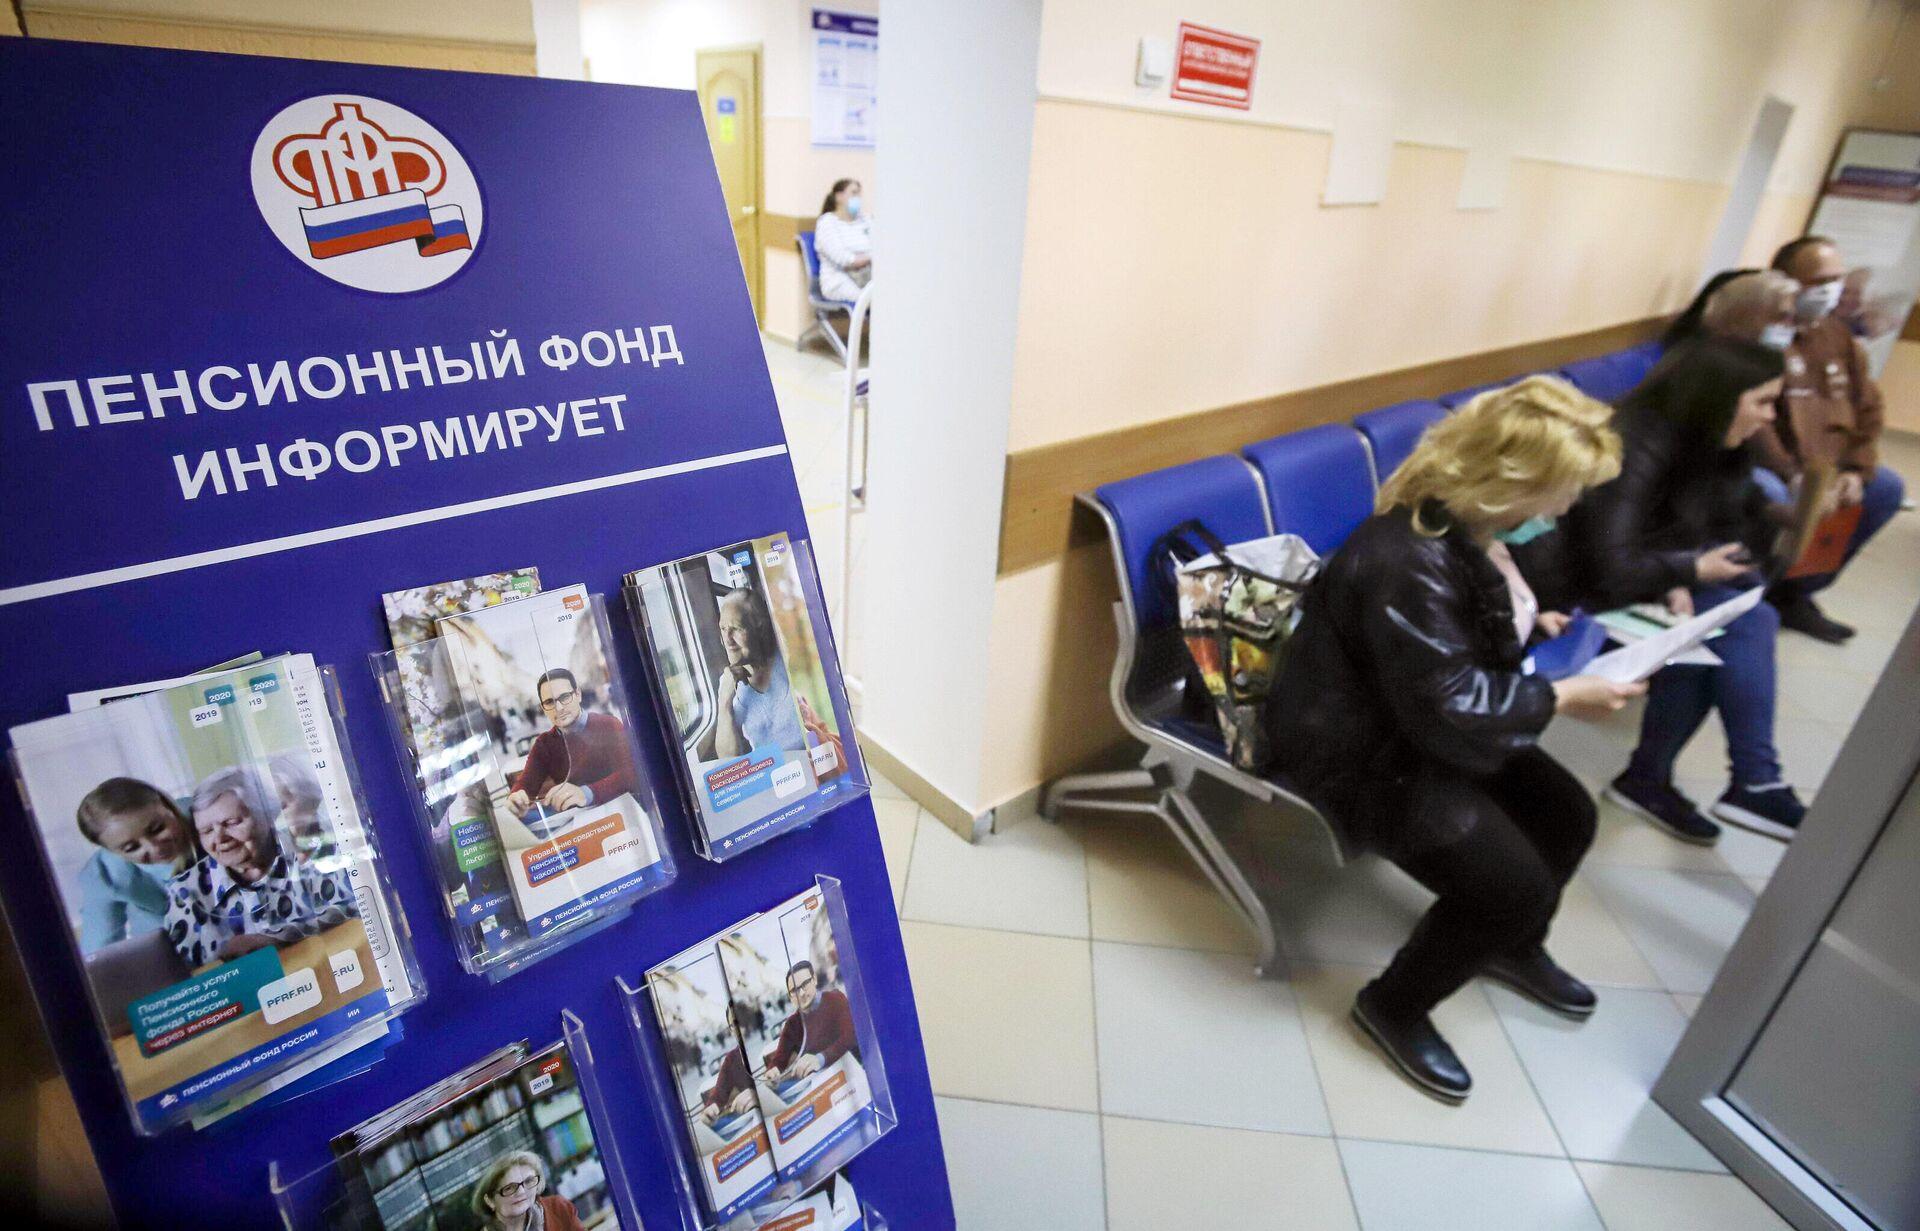 Посетители в отделении пенсионного фонда - РИА Новости, 1920, 09.04.2021